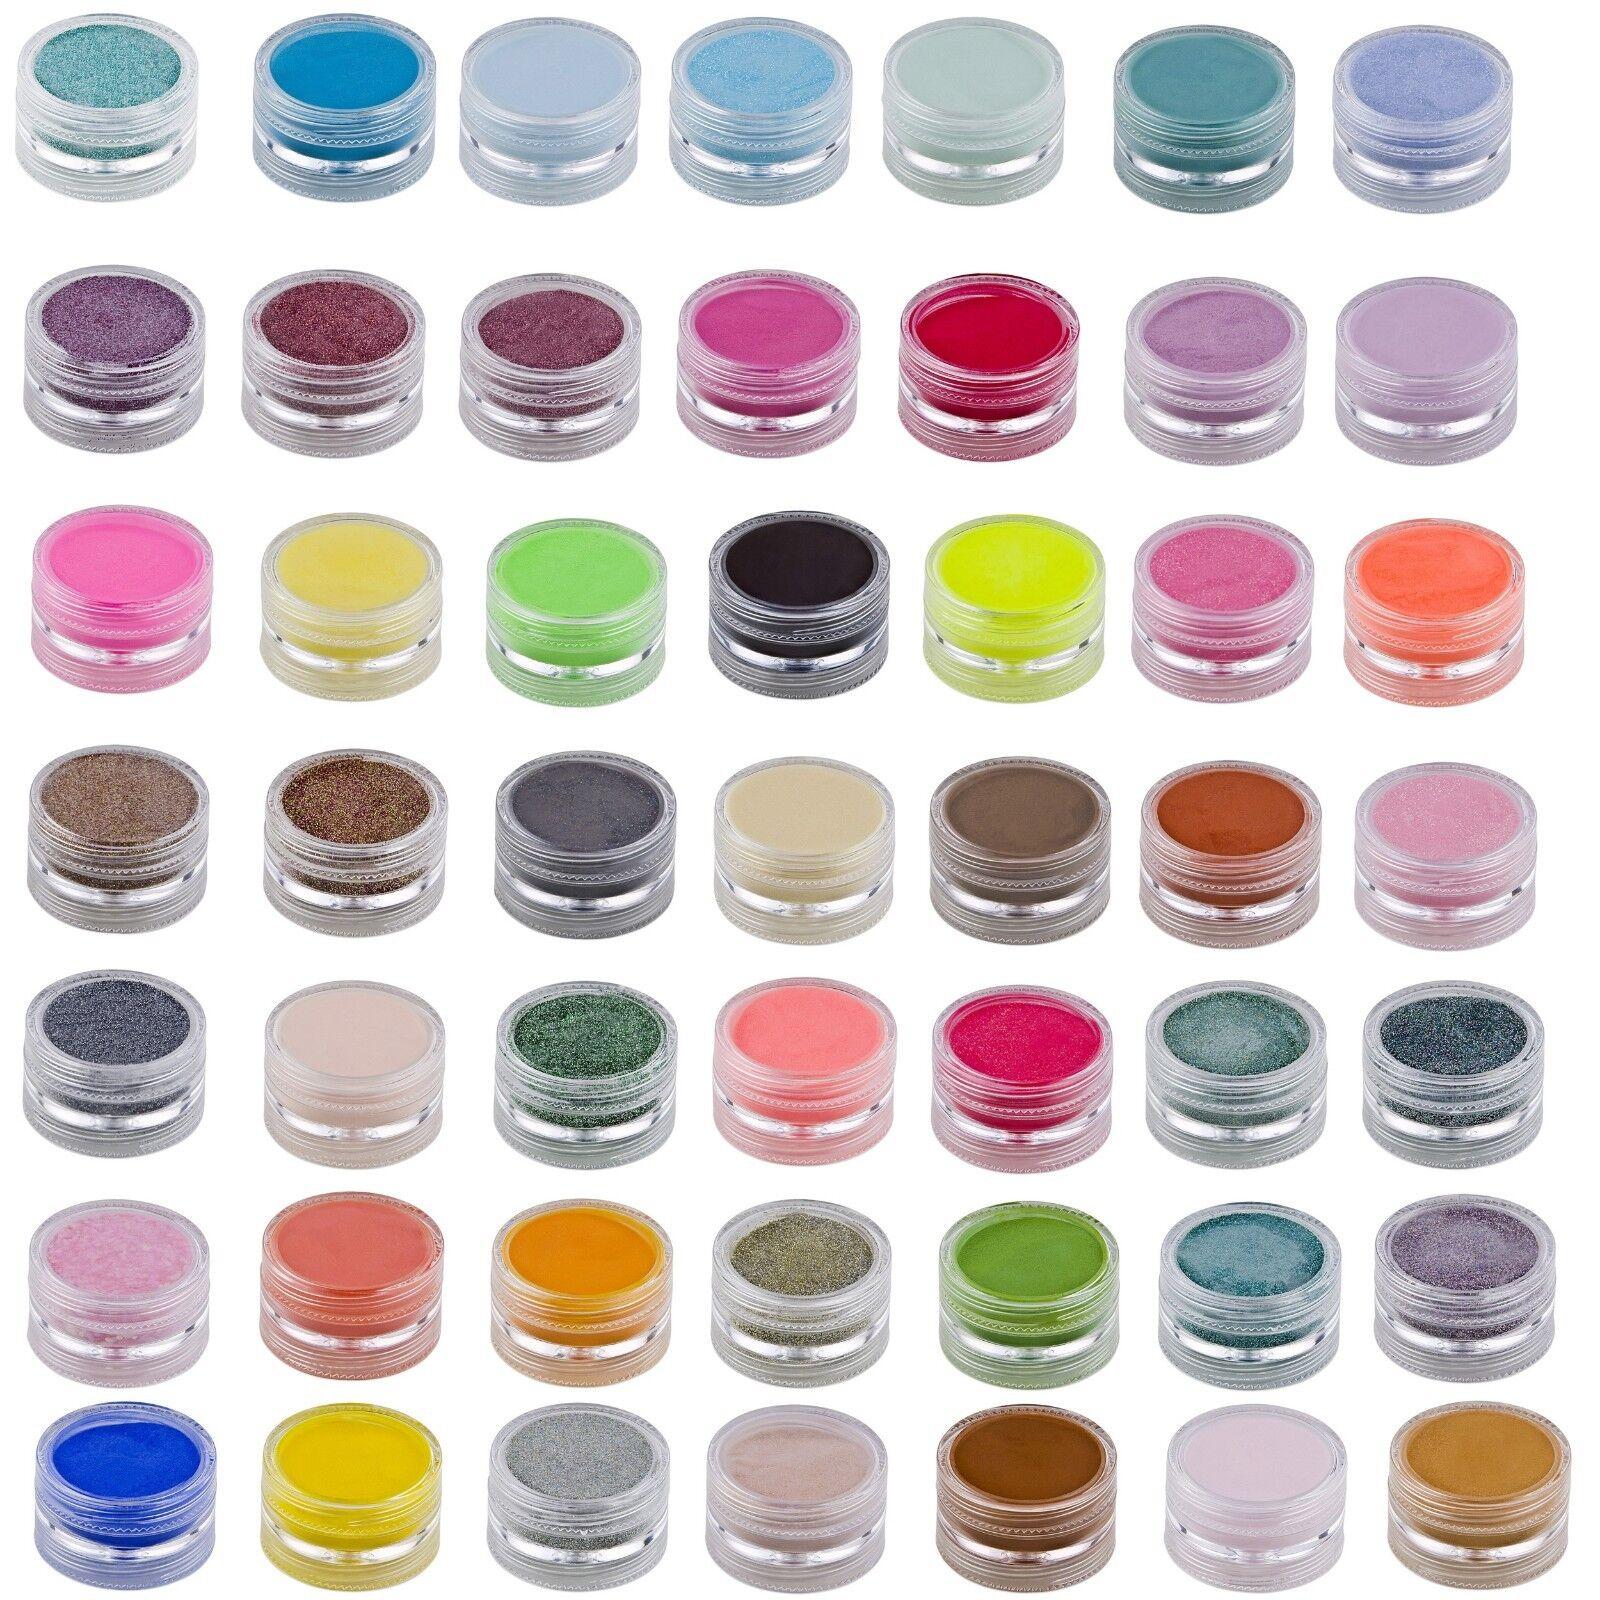 1x Acryl Pulver Fingernägel Füße Modellage Acryl-Puder Fingernagel Nails Nägel